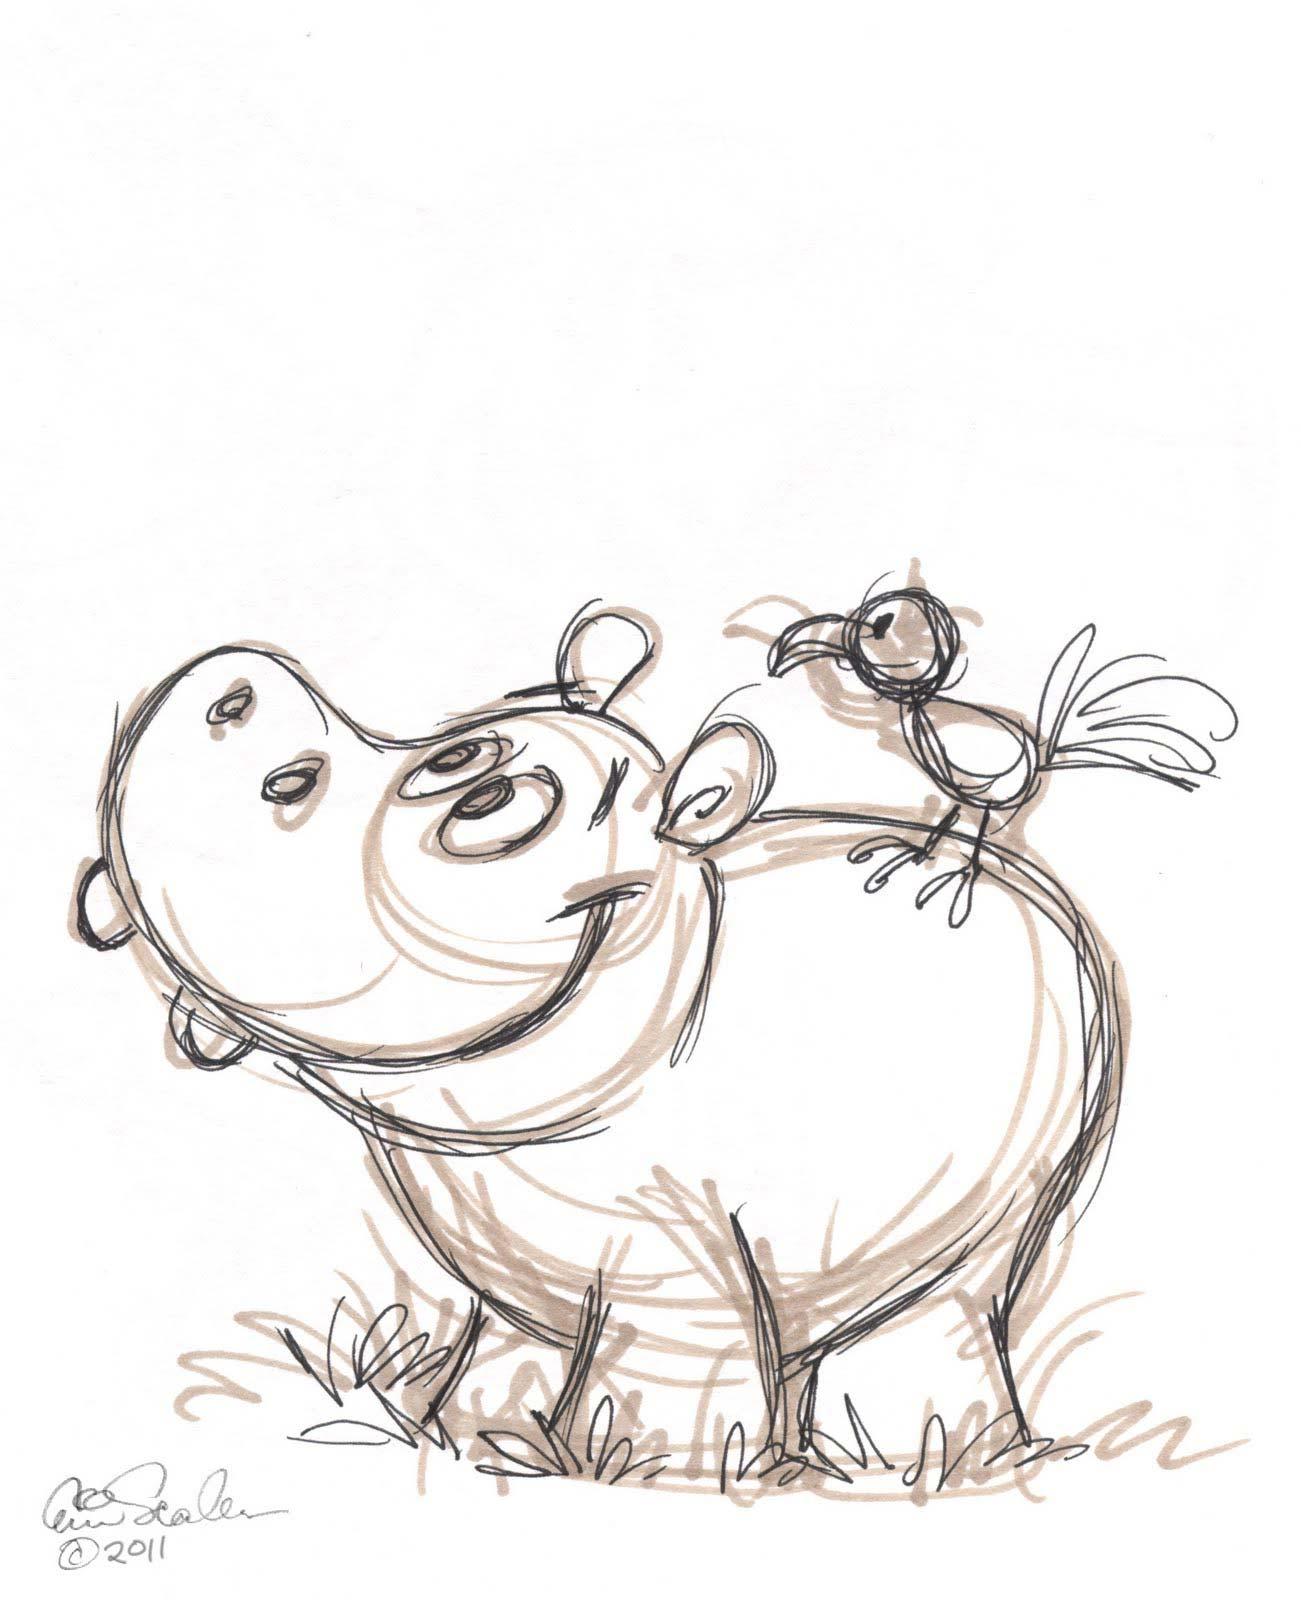 Рисунки-и-картинки-для-детей-нарисованные---скачать-красивые-и-прикольные-5